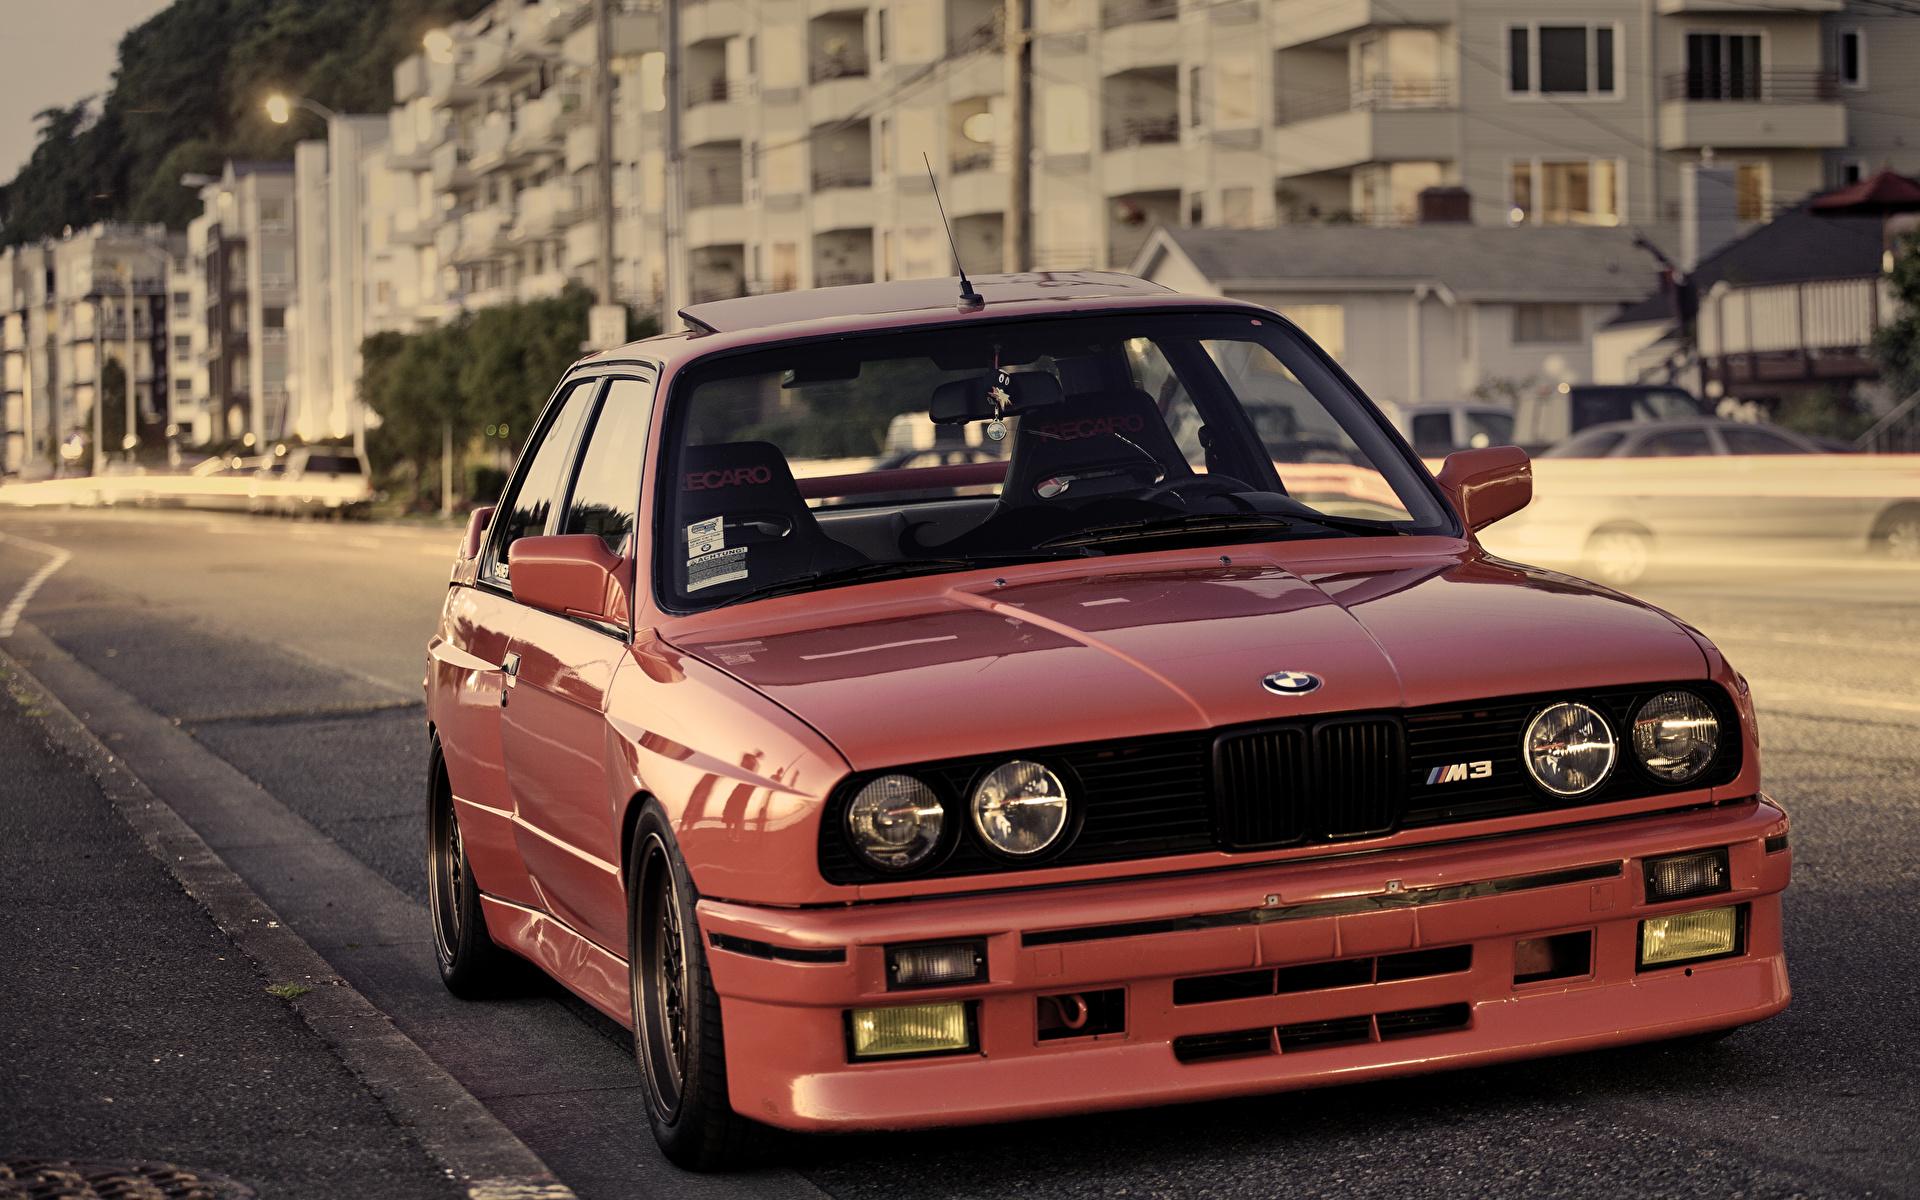 Фотография БМВ M3 E30 красных Фары Спереди автомобиль 1920x1200 BMW красная красные Красный фар авто машины машина Автомобили